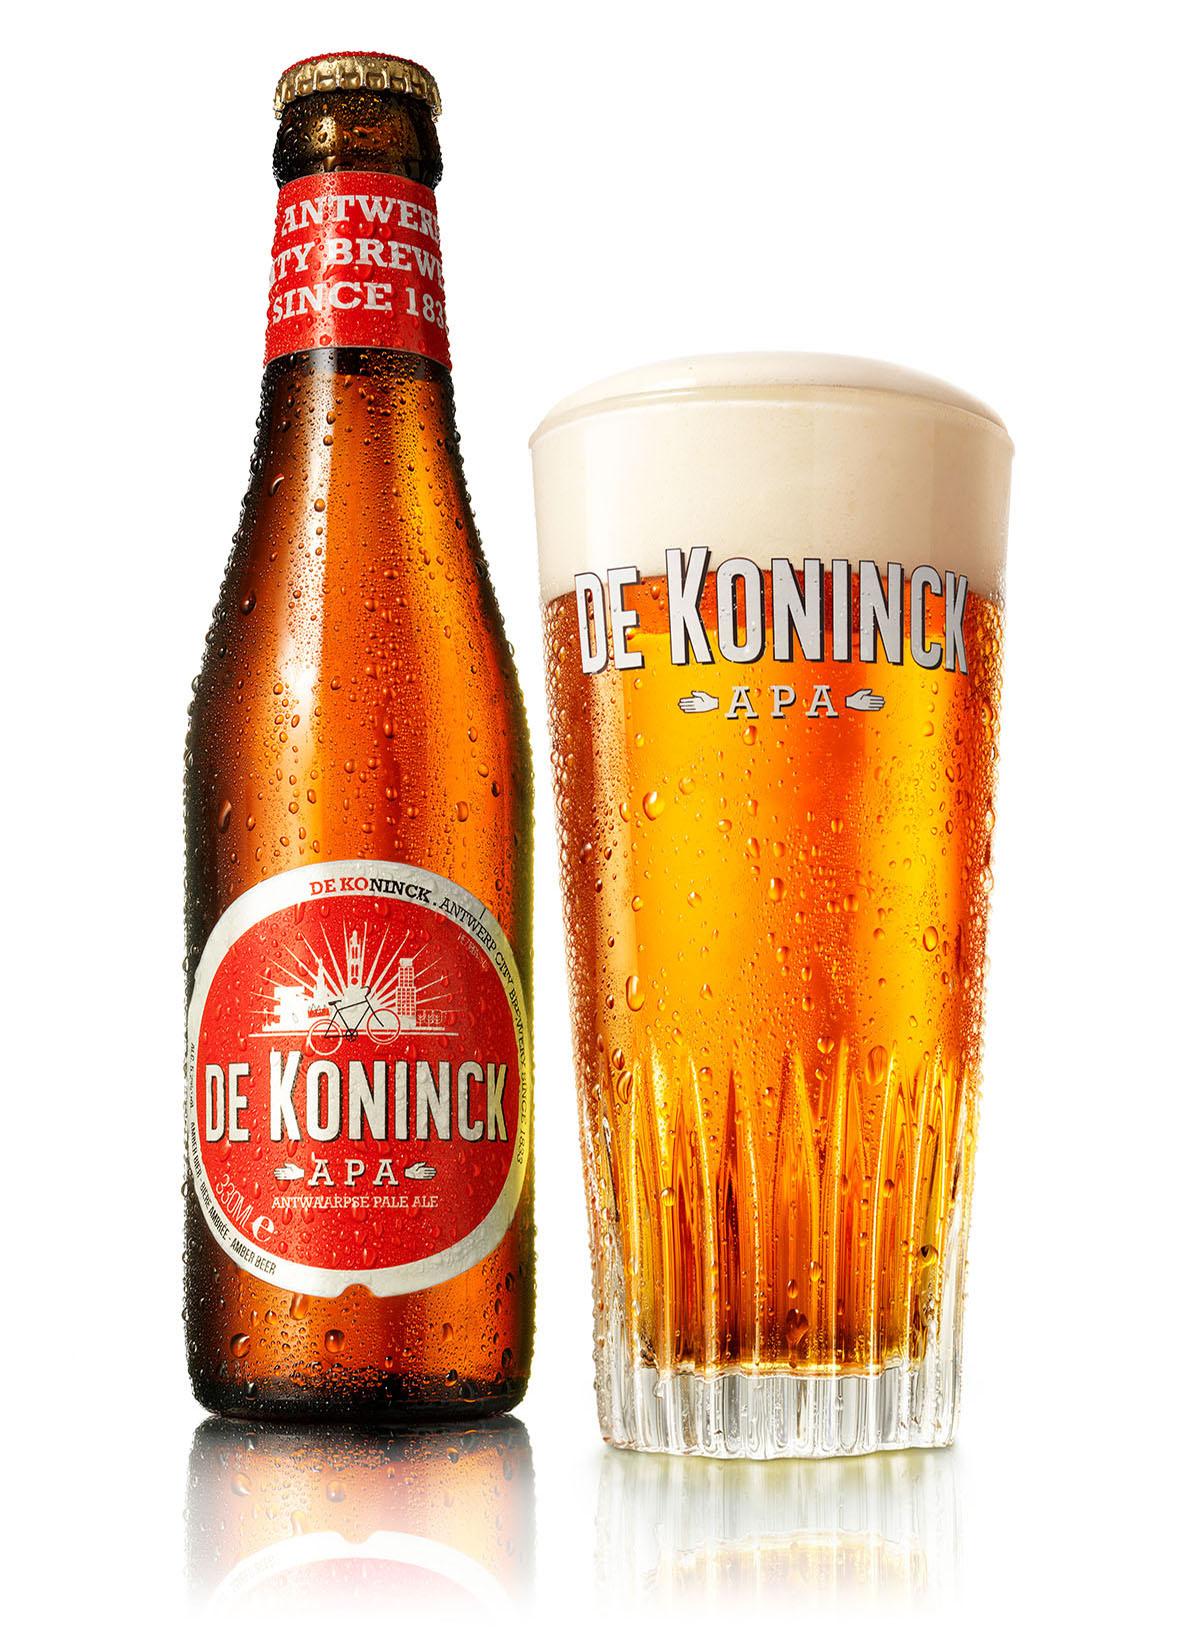 Drank packshots fotografie van een fles en een glas De Koninck bier gemaakt door Studio_m Fotografie Amsterdam